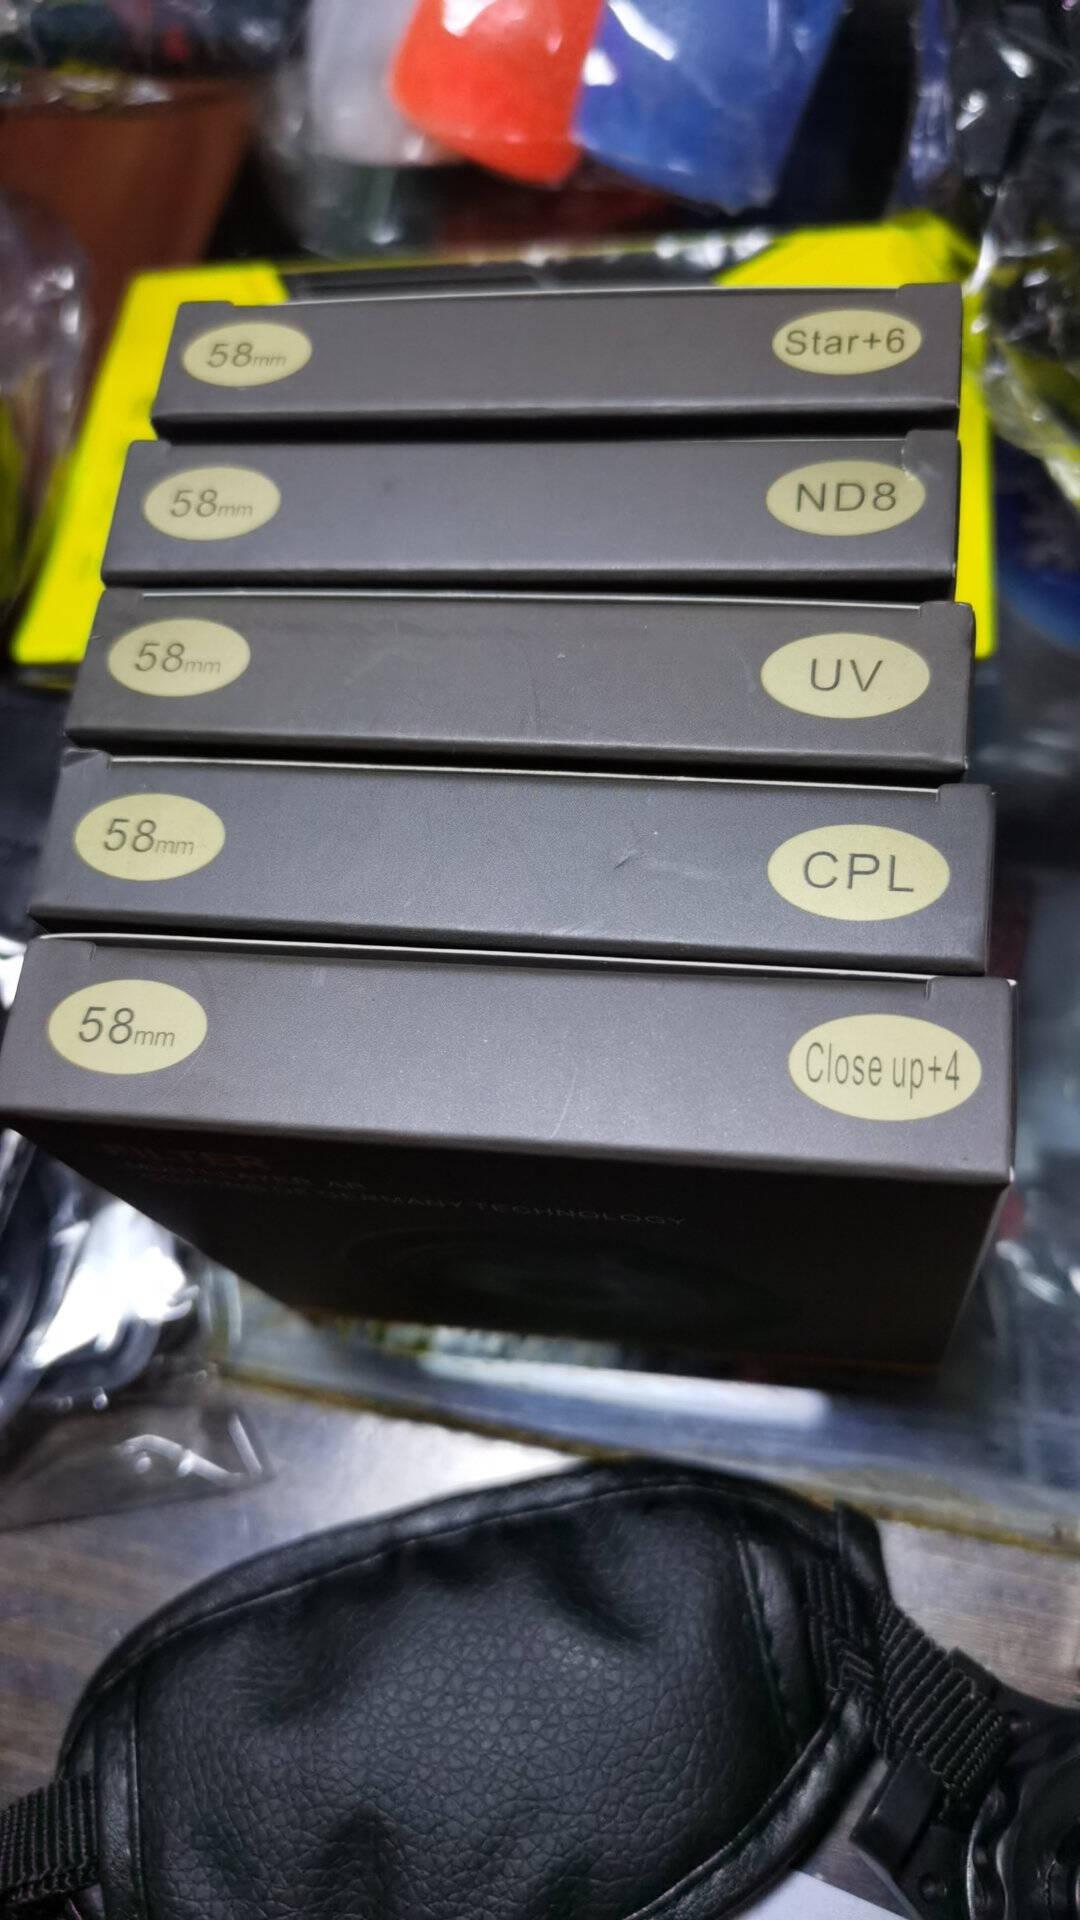 佳能rf501.8stm小痰盂大光圈专微全画幅标准定焦镜头适用EOSRRPR5R6【含滤镜】RF50F1.8STM